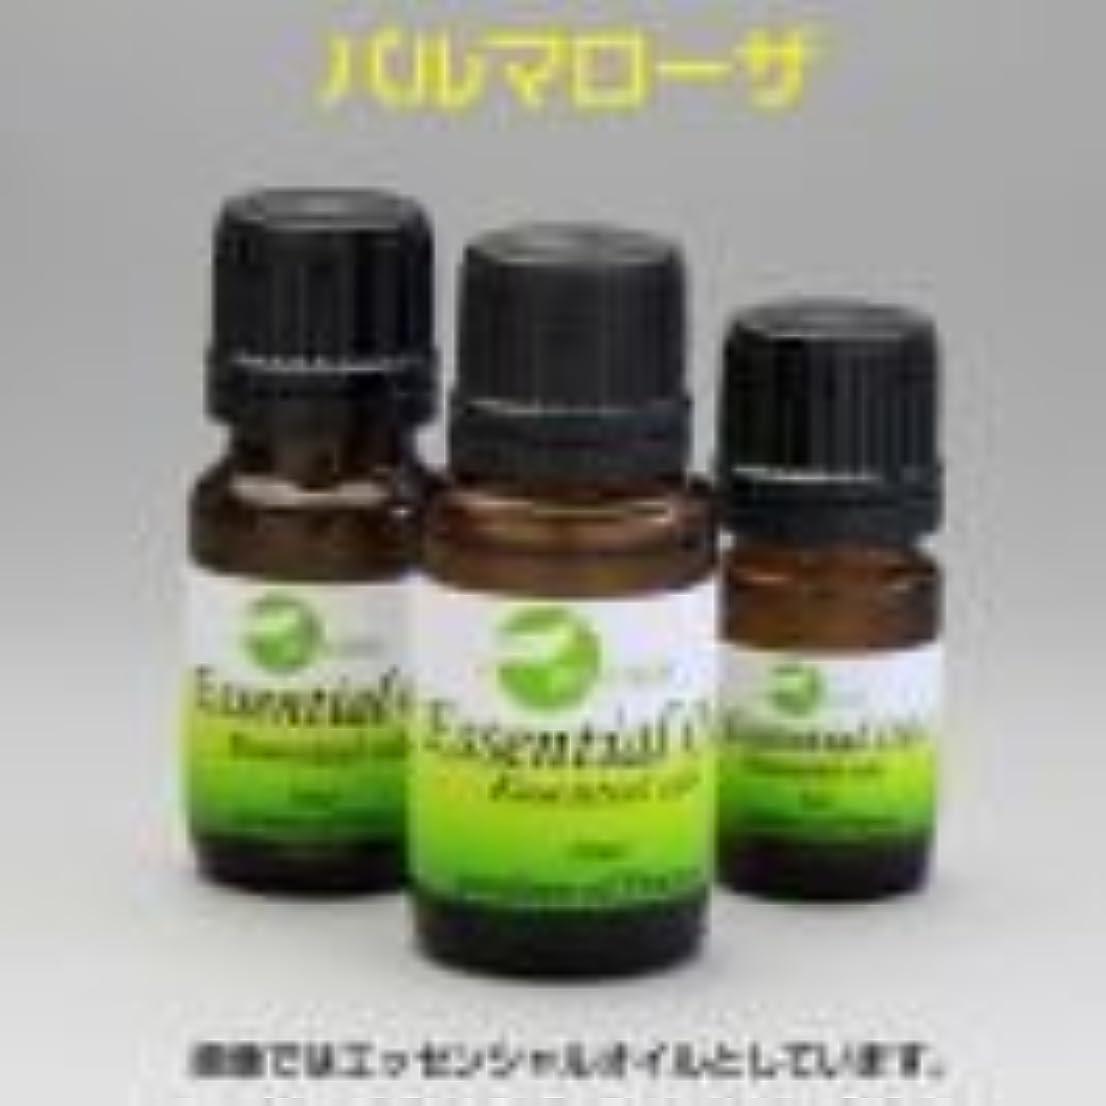 彼ら読者肝[エッセンシャルオイル] ローズに似た甘いフローラルな香り パルマローザ 15ml